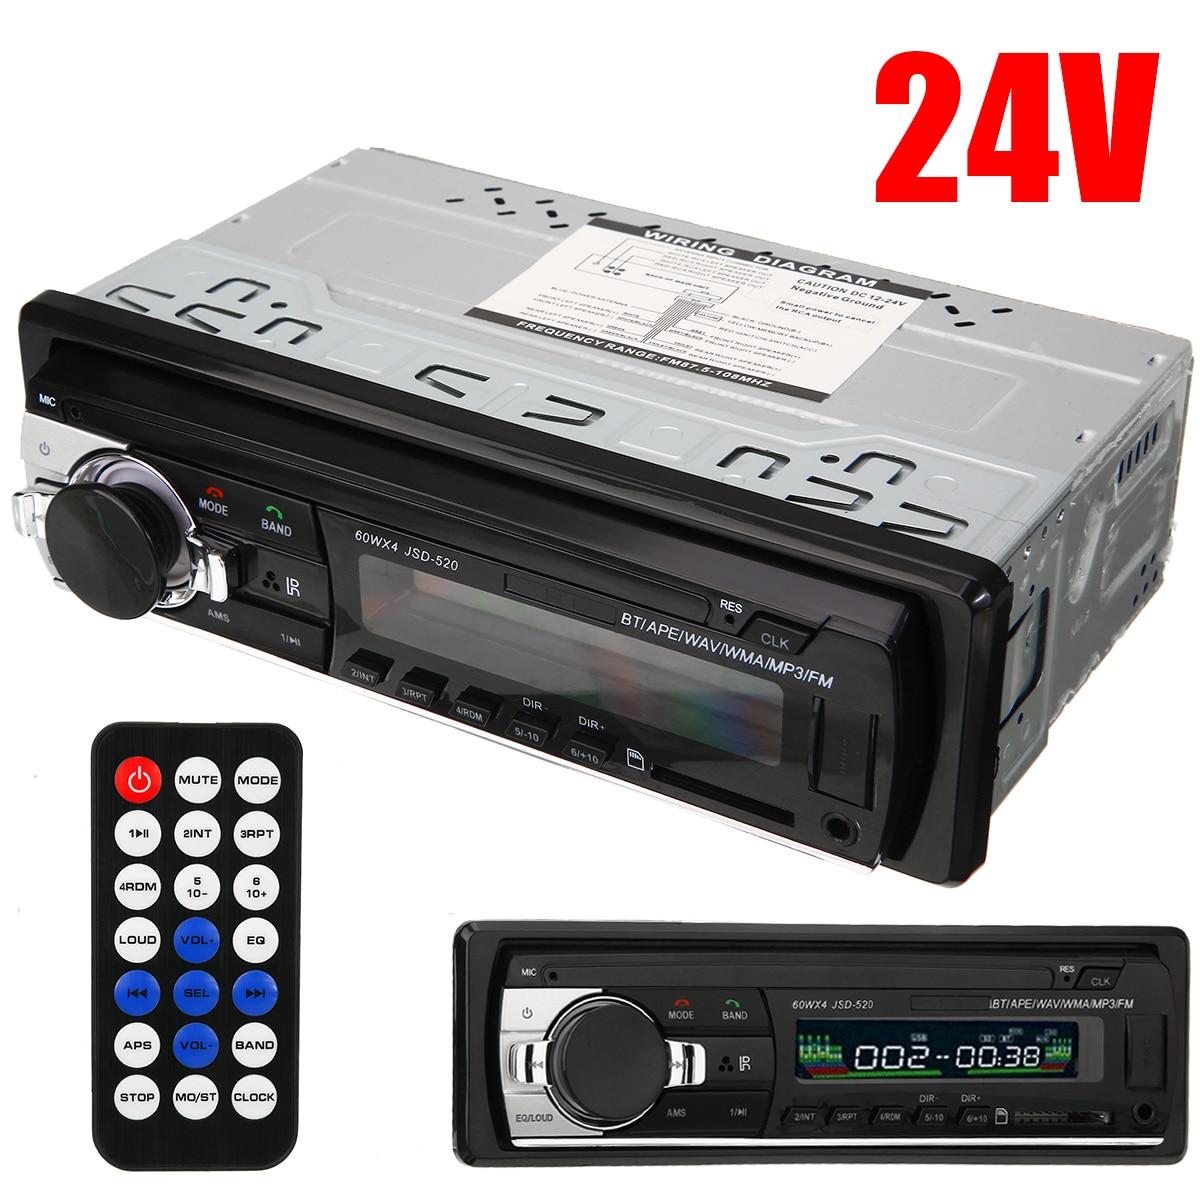 1pc de coche 24V Auto Radio estéreo reproductor Digital bluetooth MP3 FM reproductor de Audio estéreo USB/SD con Control remoto con en el tablero de entrada AUX 5 uds 3,5mm conector de clavija de Metal estéreo de 3 polos adaptador de enchufe y Jack 3,5 con terminales de cable de soldadura enchufe estéreo de 3,5mm